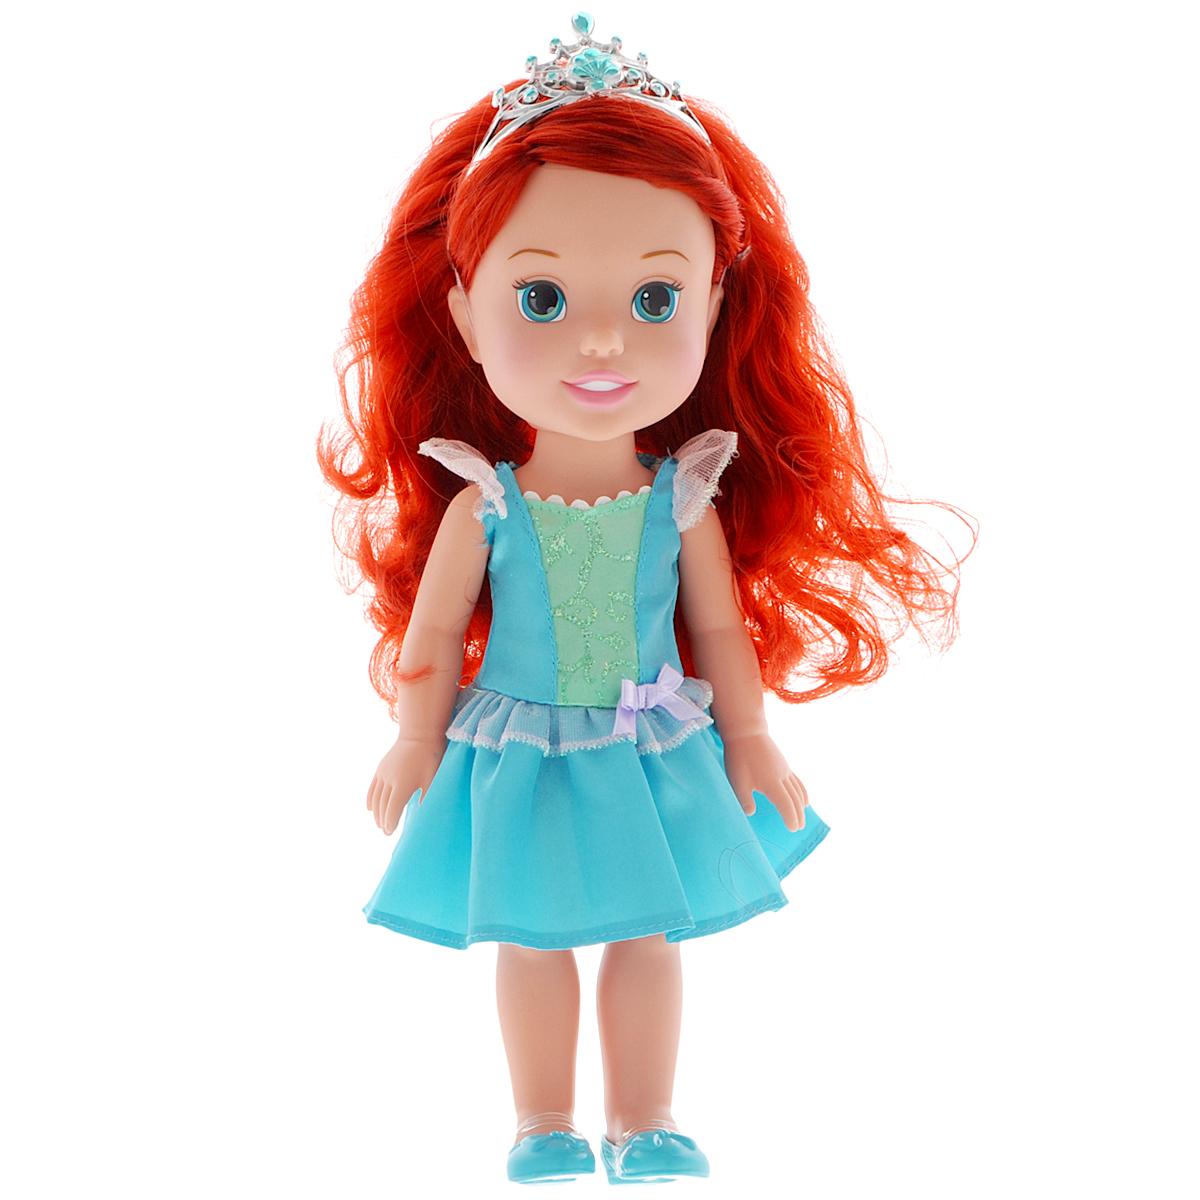 Disney Princess Кукла Малышка Ариэль цвет платья голубой disney кукла малышка с питомцем ариэль 15 см disney princess